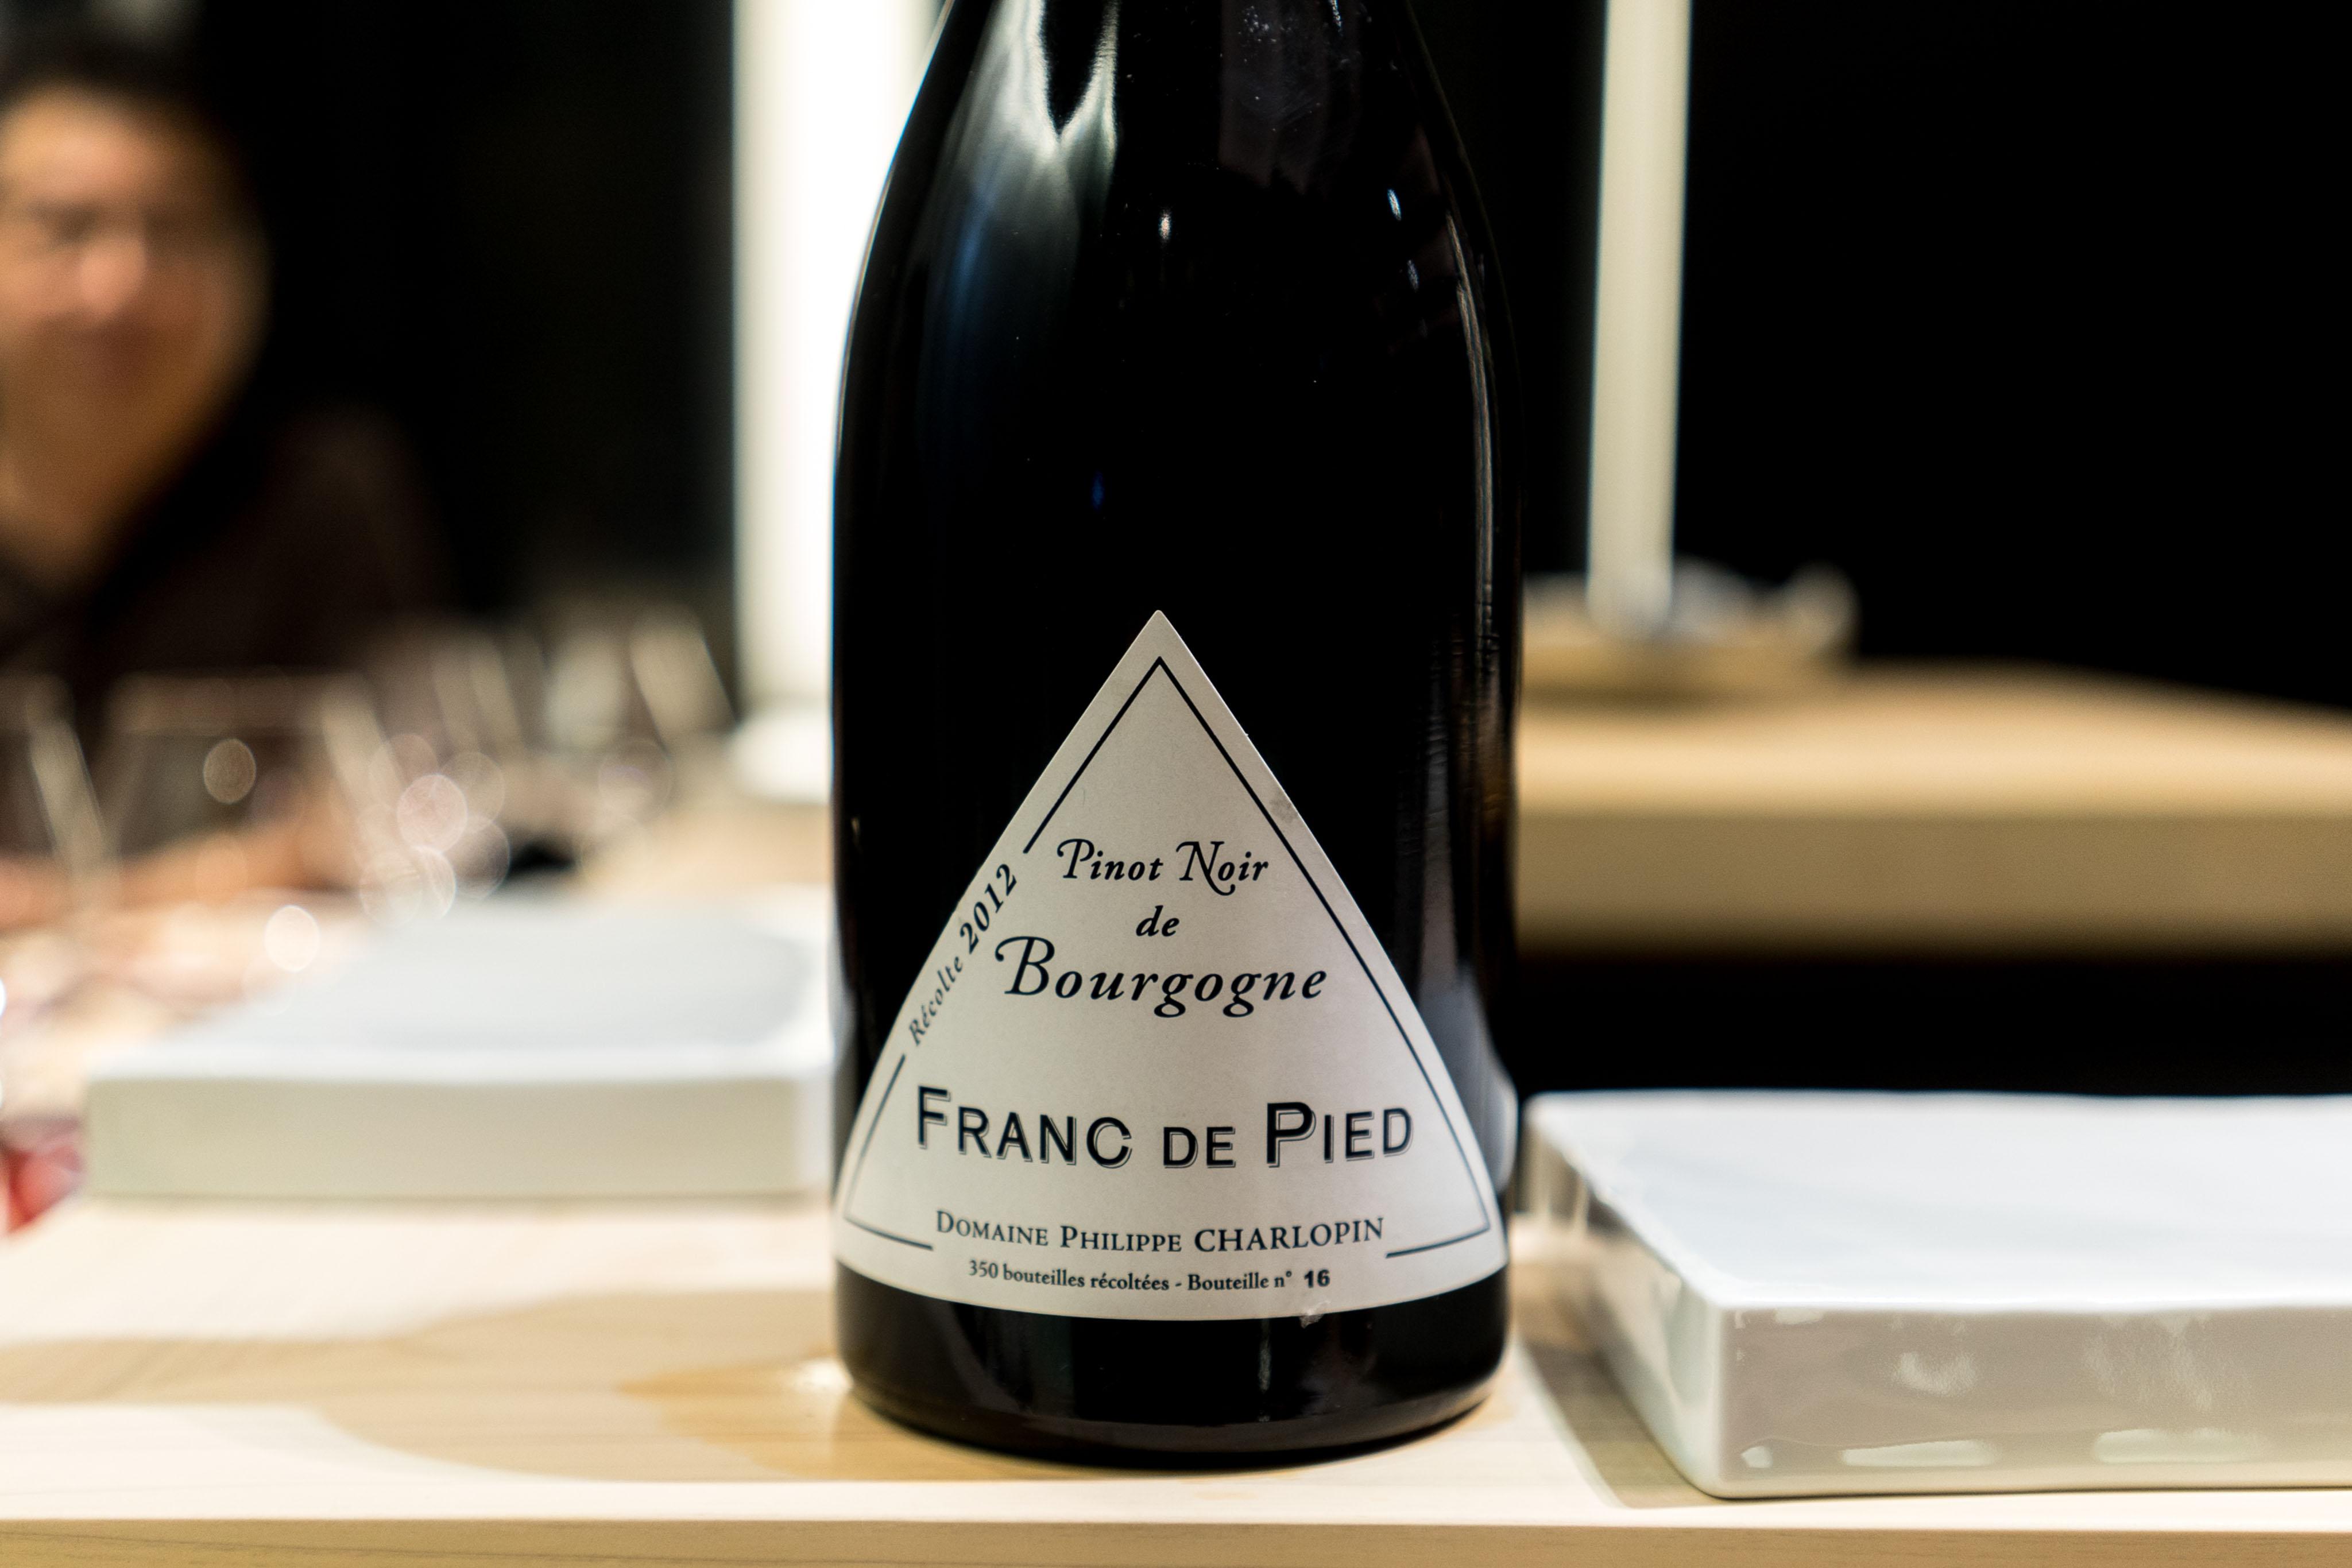 Domaine Philippe Charlopin-Parizot Franc de Pied Bourgogne de Pinot Noir 2012